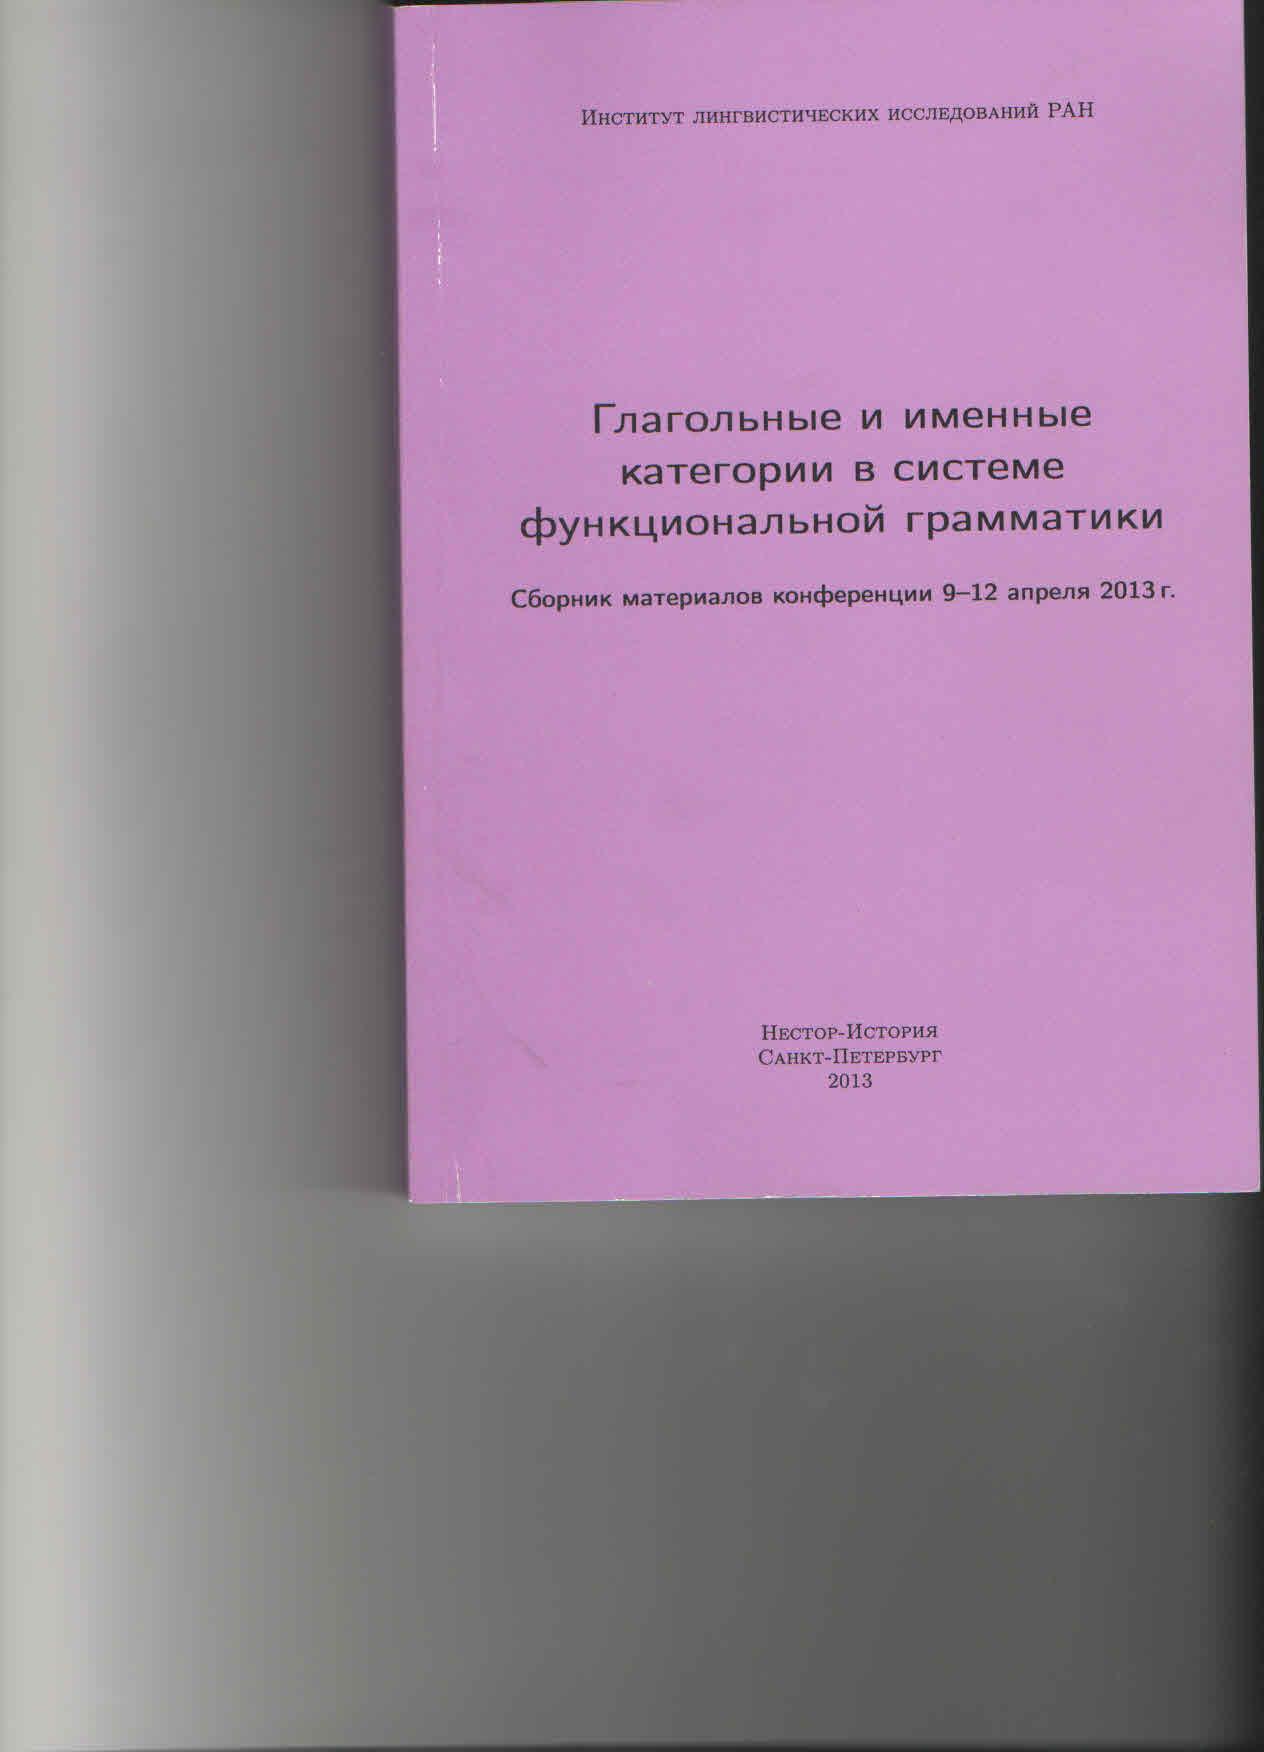 Глагольные и именные категории в системе функциональной грамматики. Сборник материалов конференции 9-12 апреля 2013 года.